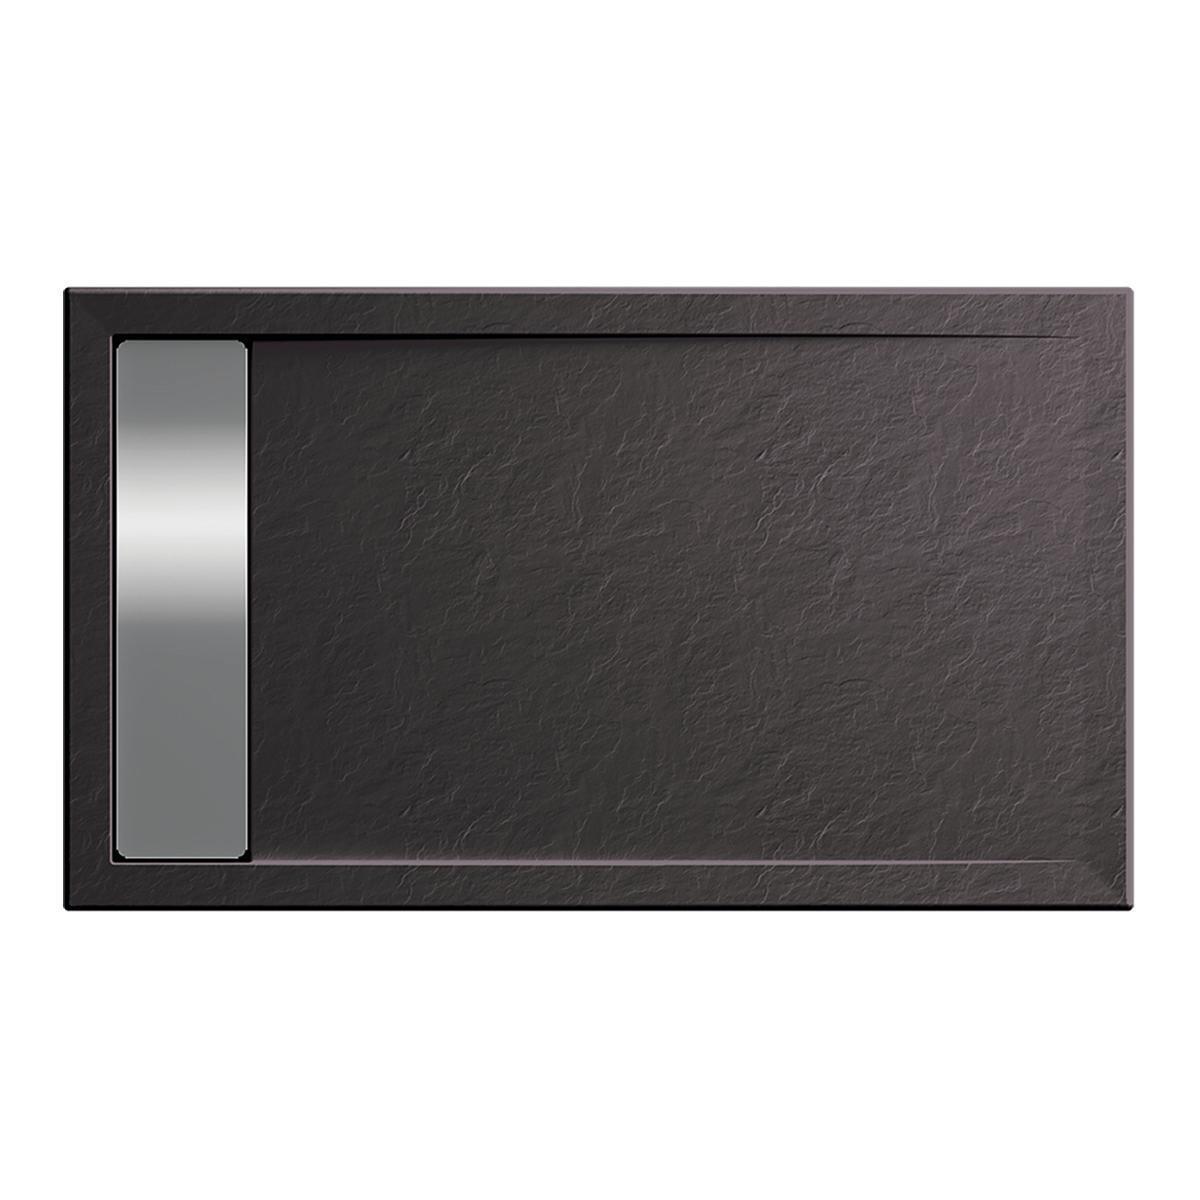 Piatto doccia acrilico rinforzato fibra di vetro Bali Stone 90 x 70 cm grigio antracite con superficie effetto ardesia - 2